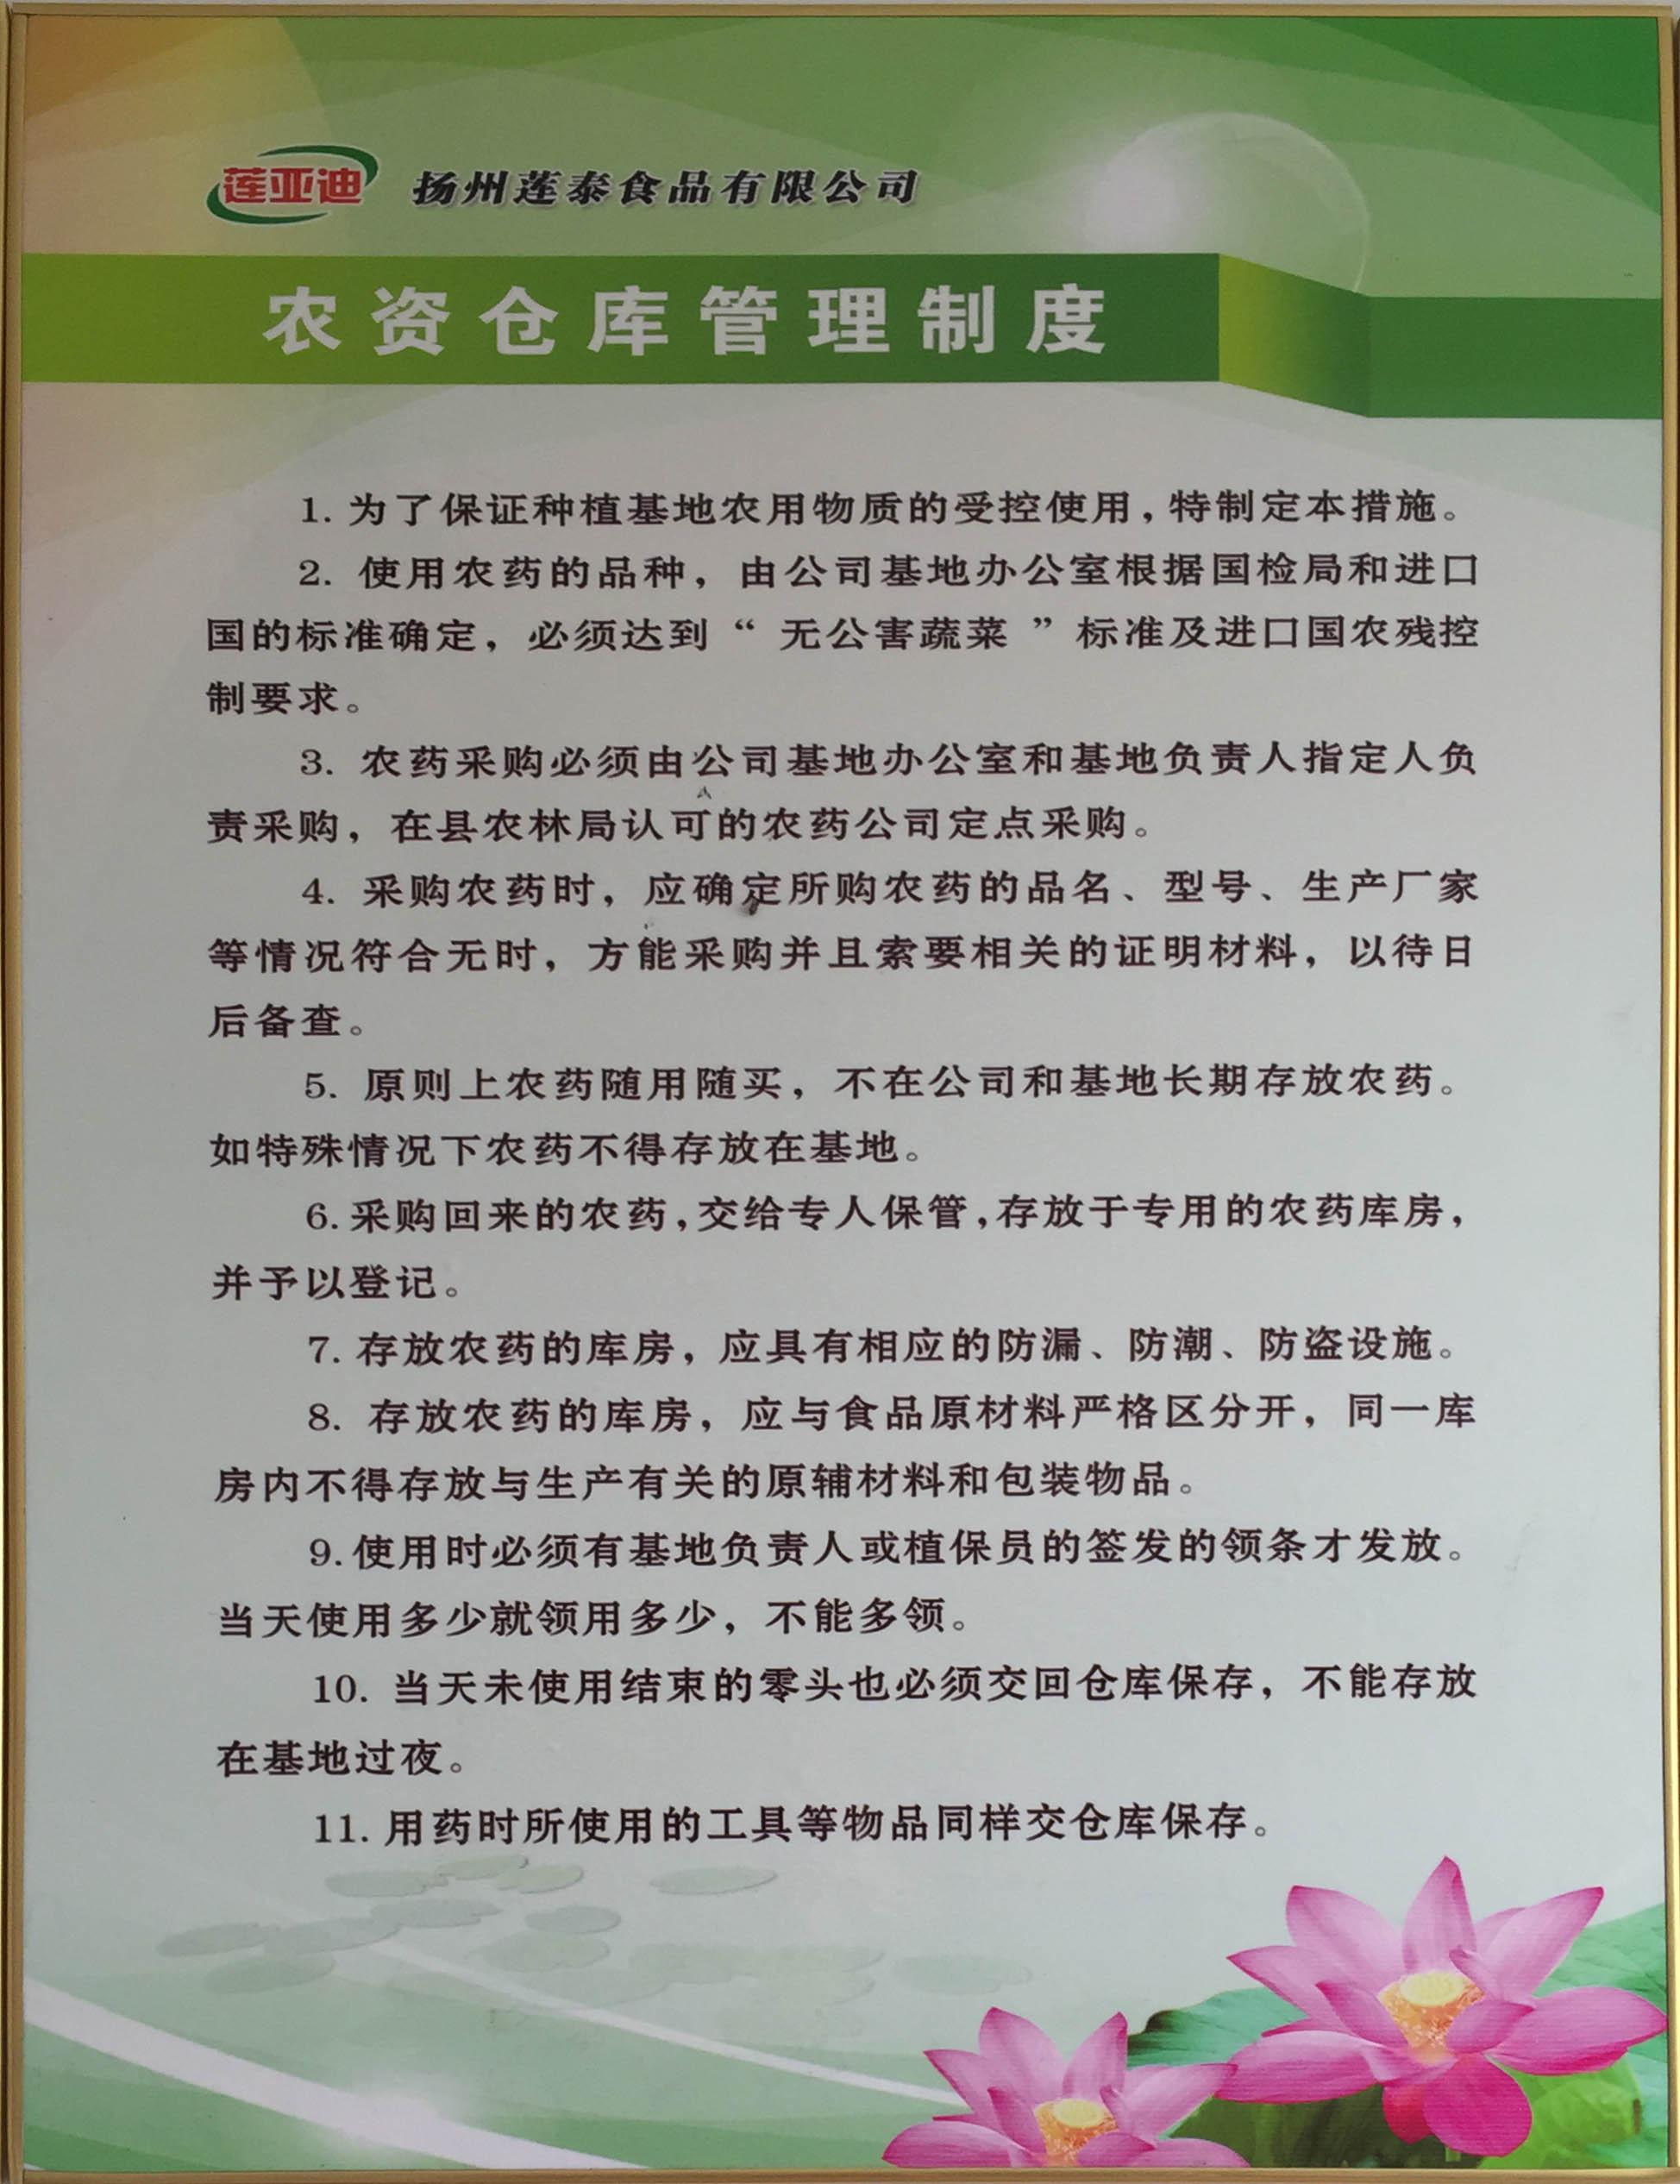 农资仓库管理制度